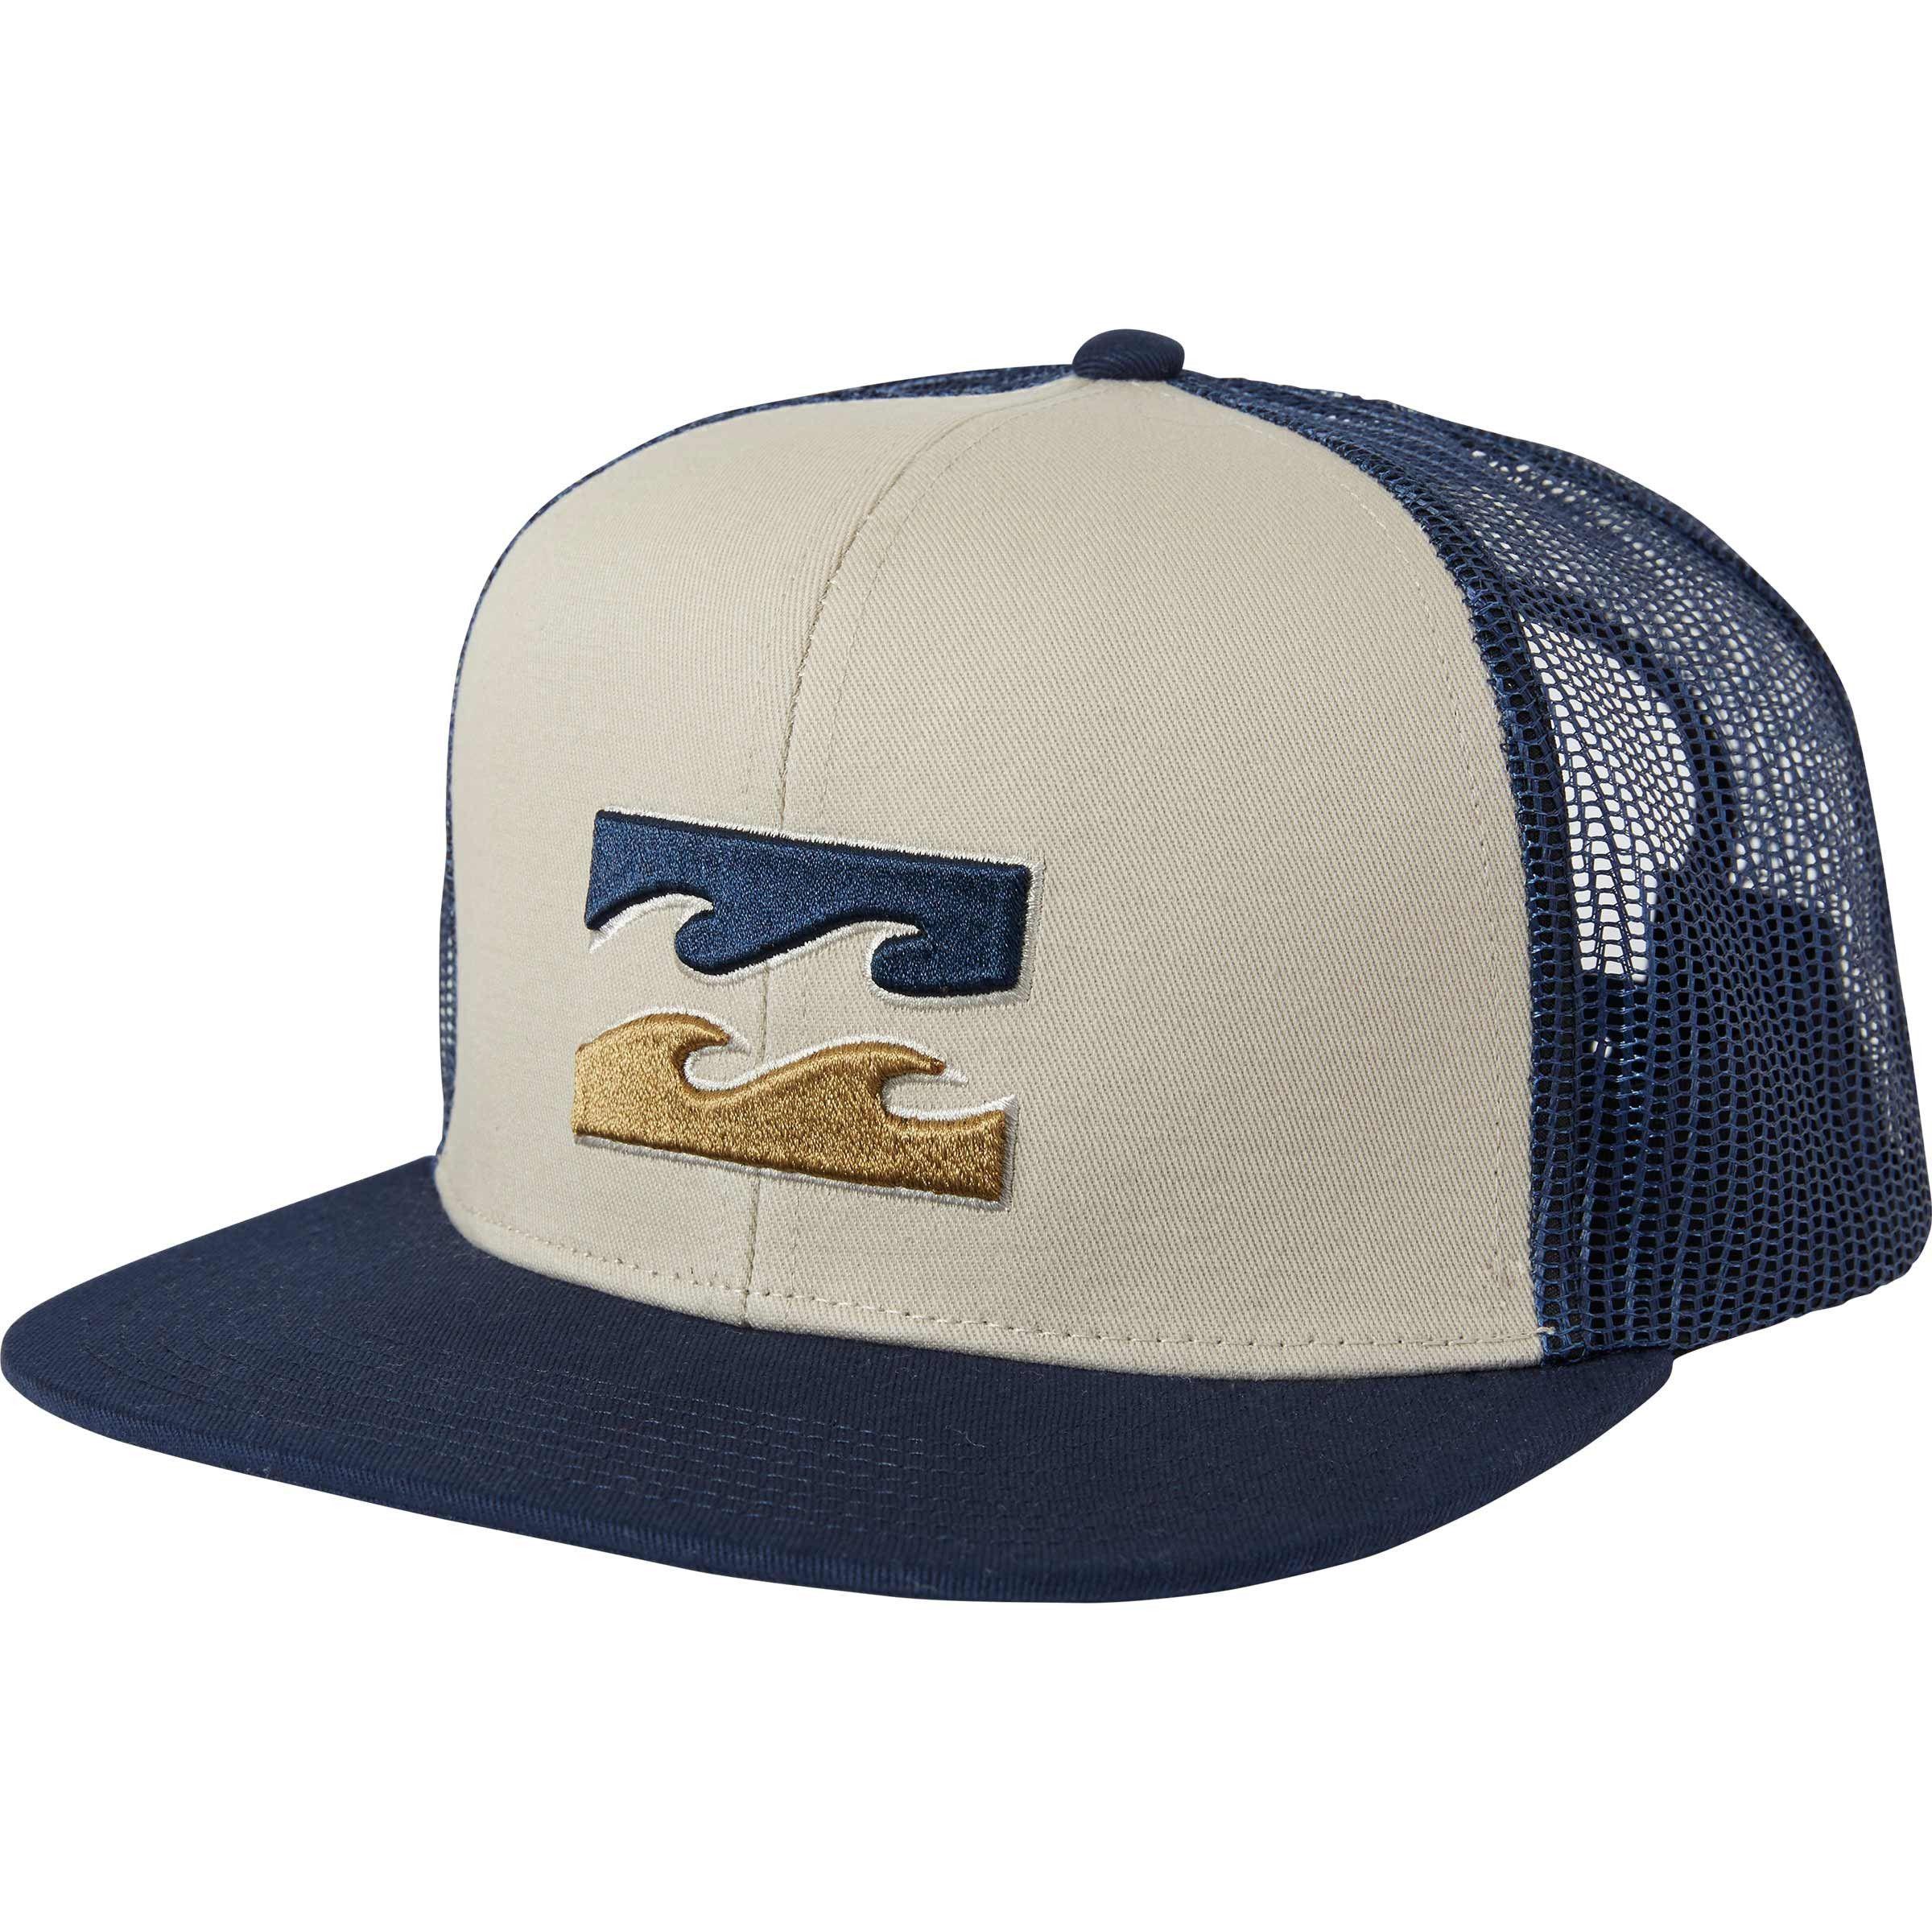 5902e501983 Billabong All Day Trucker Hat